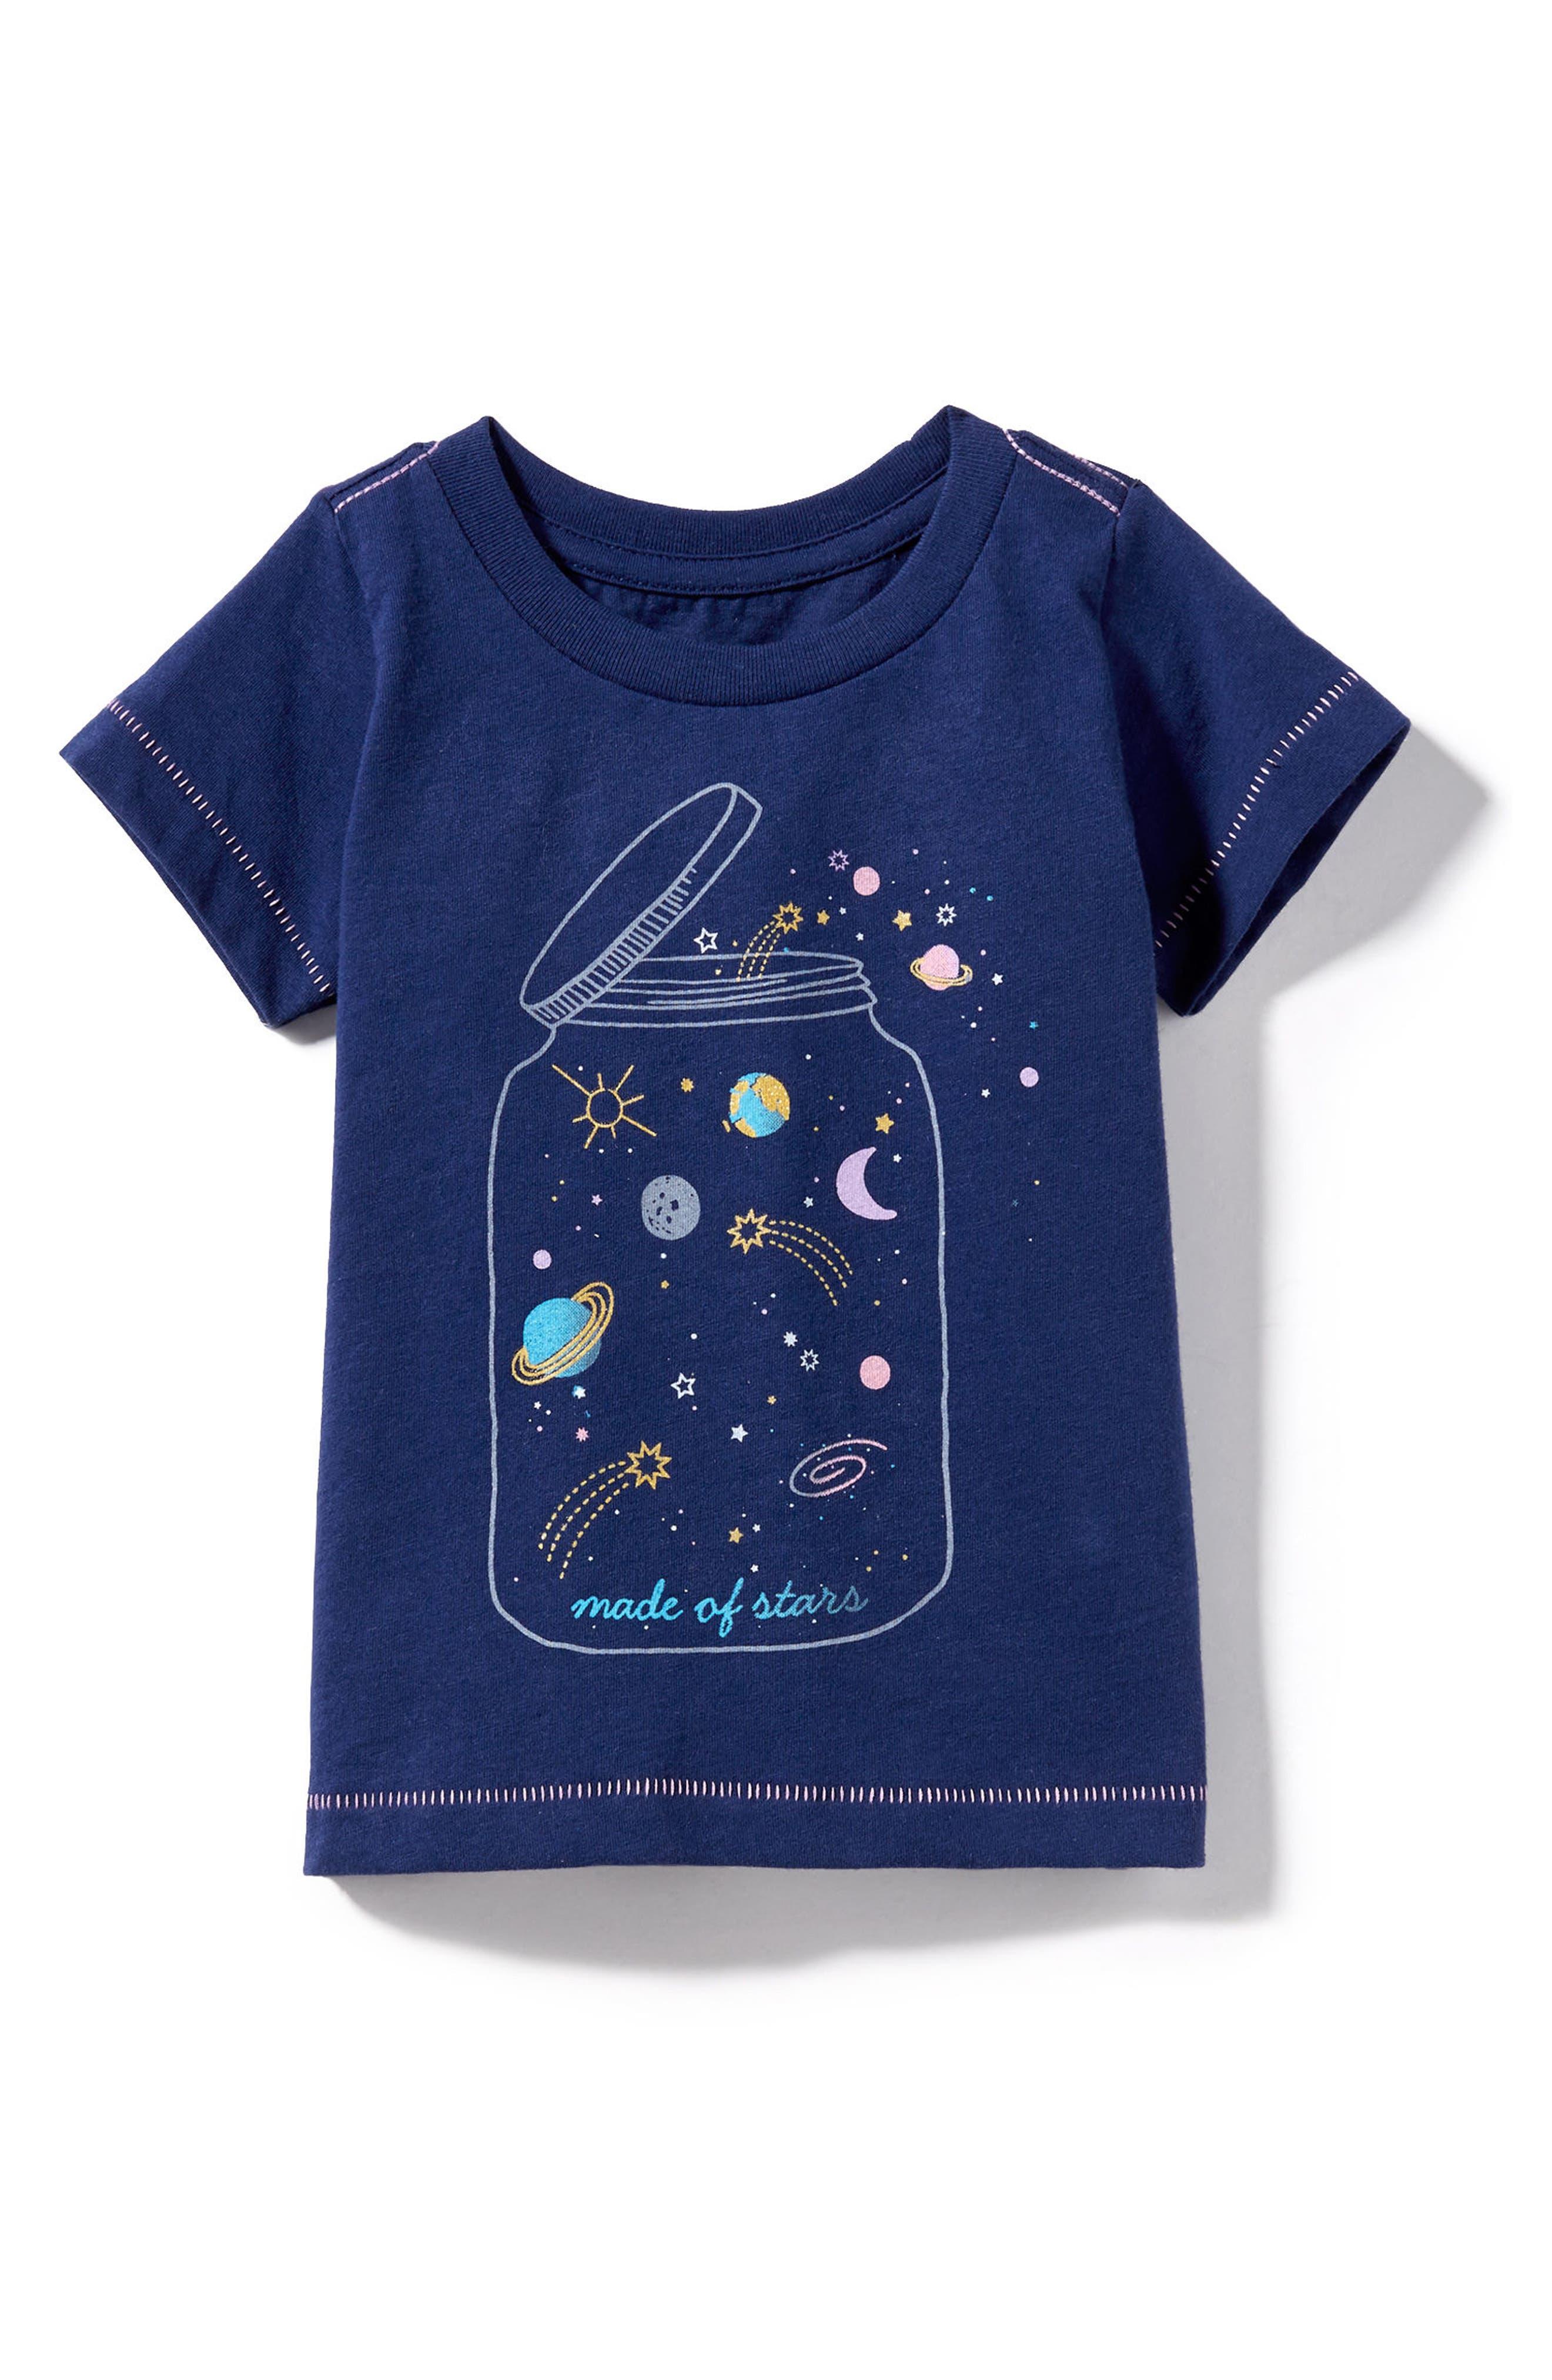 Alternate Image 1 Selected - Peek Jar of Stars Graphic Tee (Baby Girls)